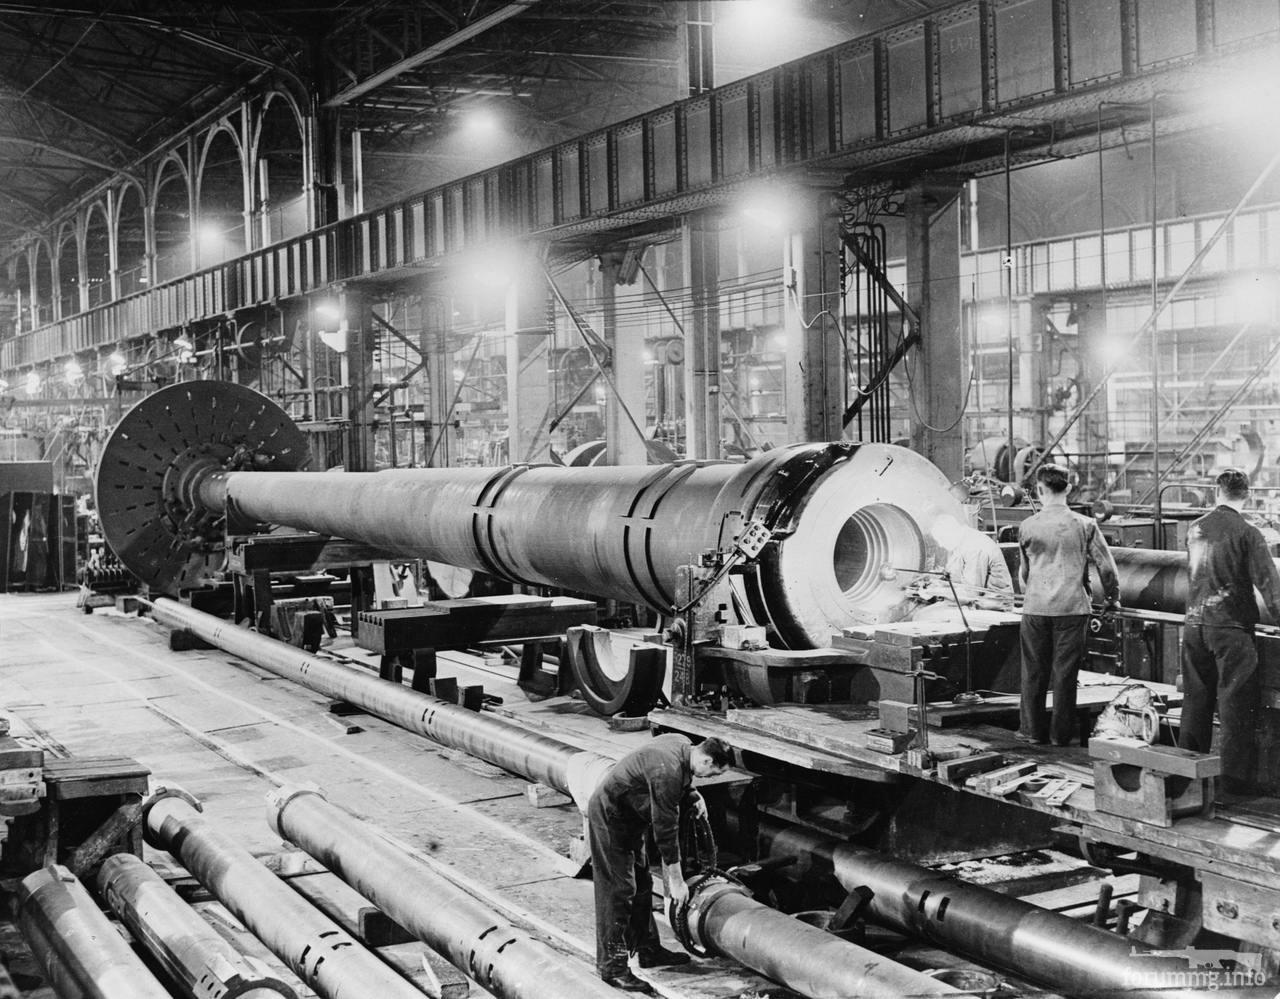 128860 - Корабельные пушки-монстры в музеях и во дворах...